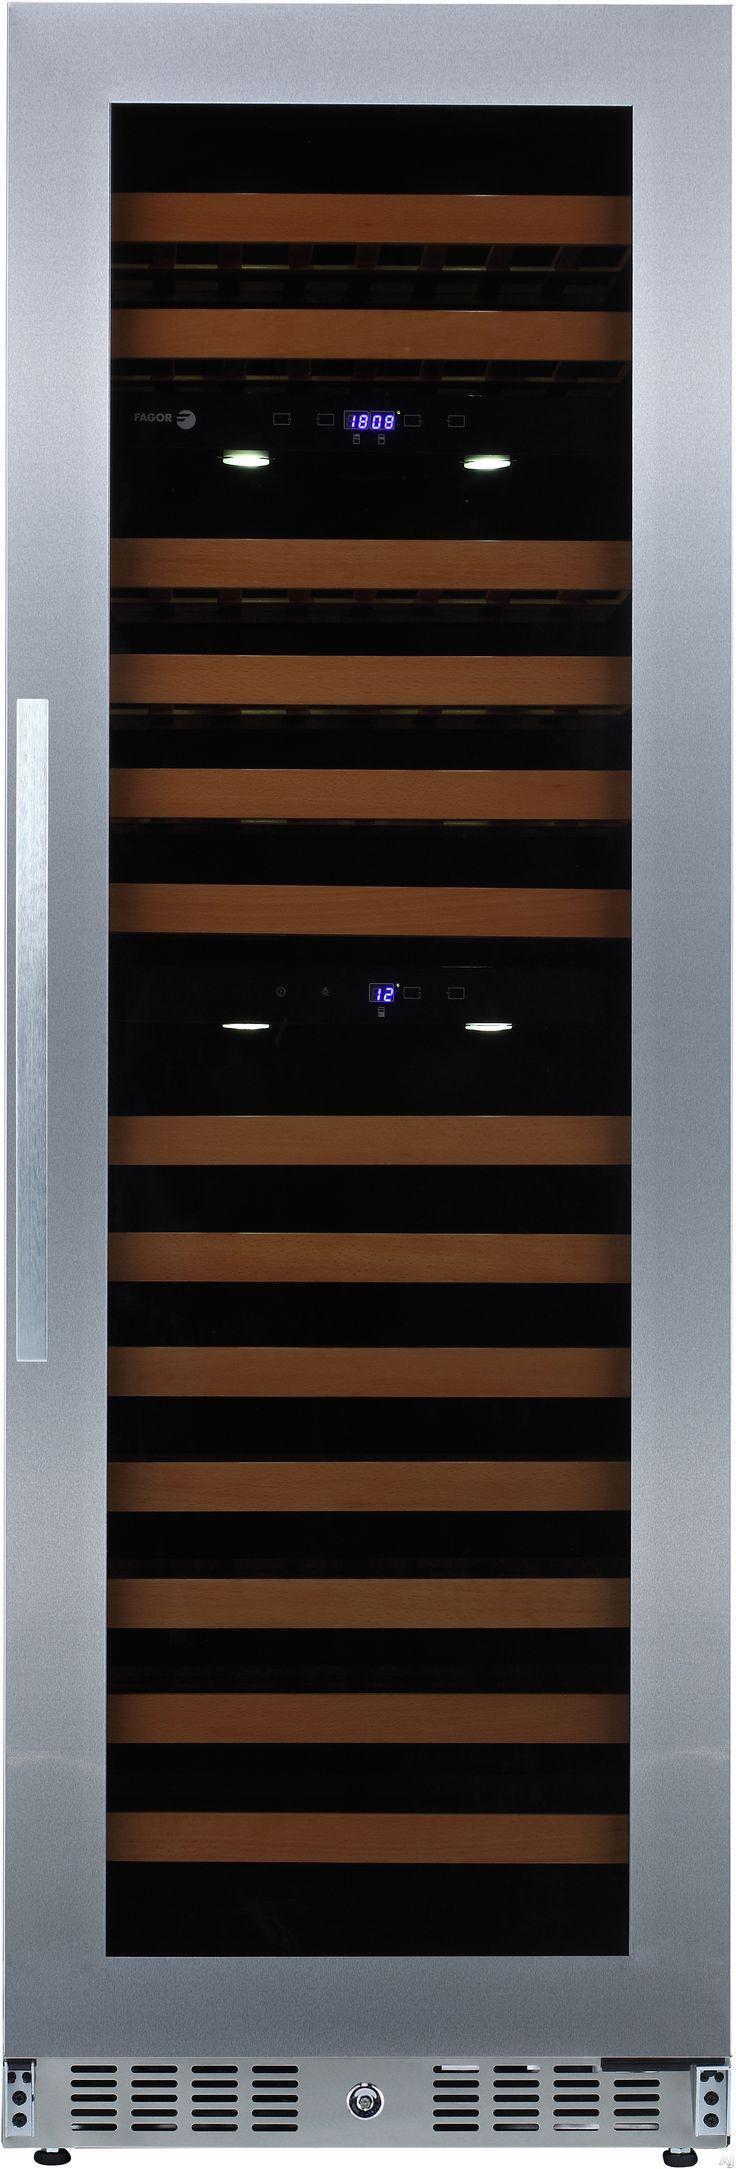 Automatic door details by borolo doors and windows doors rare - Fagor Wc118tz 24 Inch Tower Wine Cooler With 118 Bottle Capacity 3 Temperature Zones Stainless Steel Doorswine Refrigeratordoor